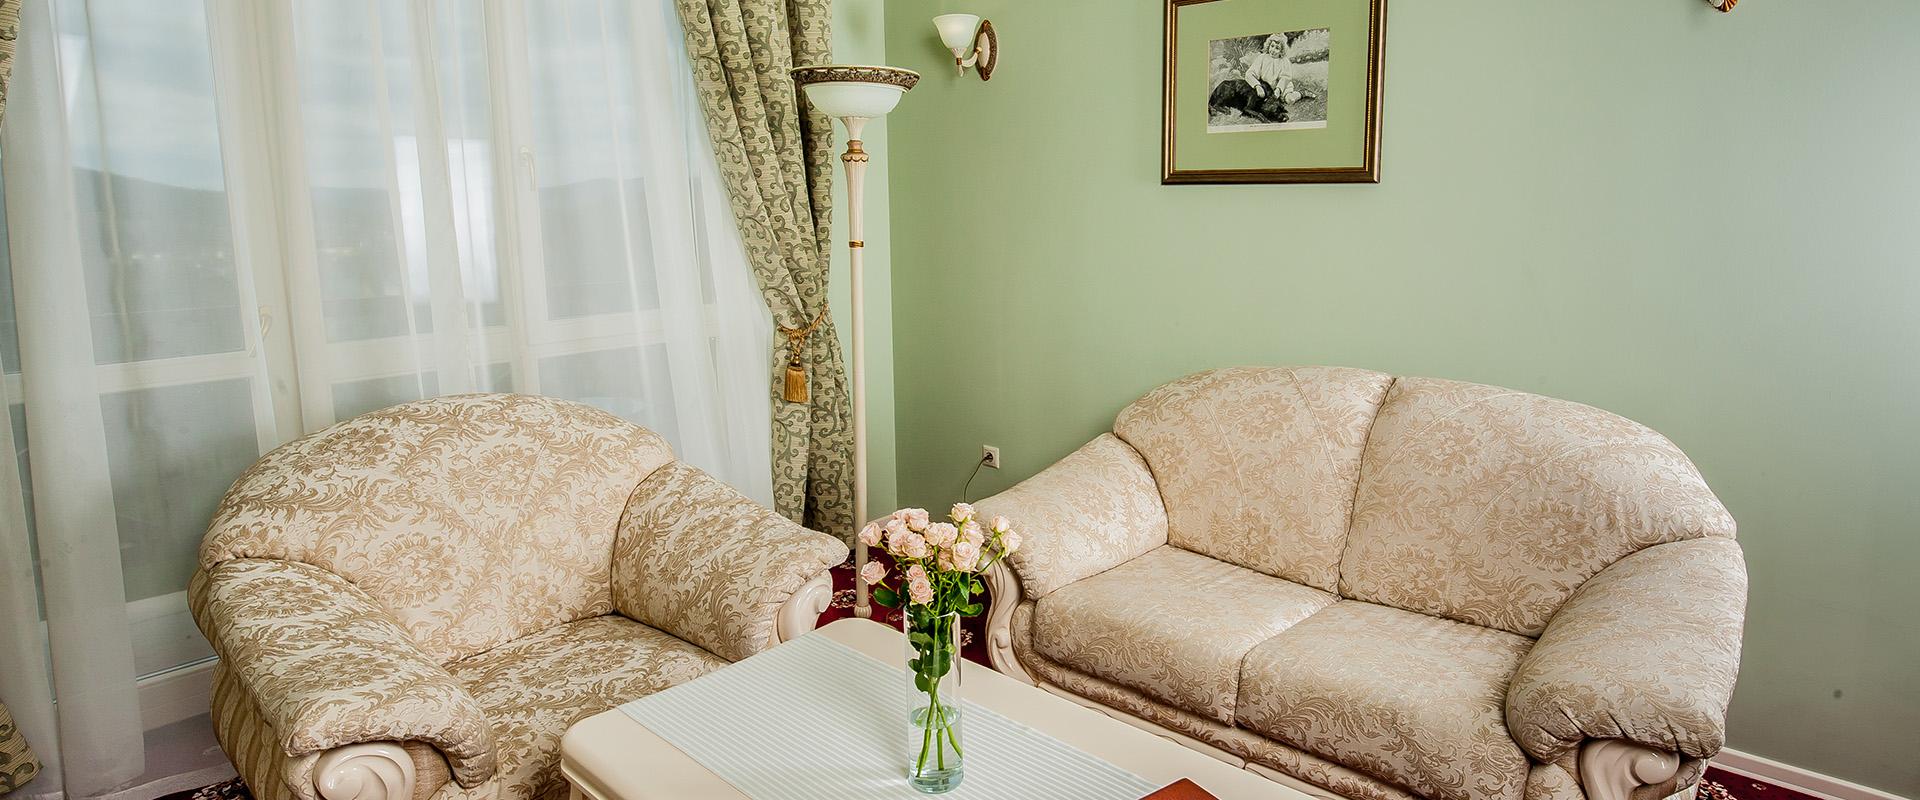 Панорамный люкс спа-отель Respect